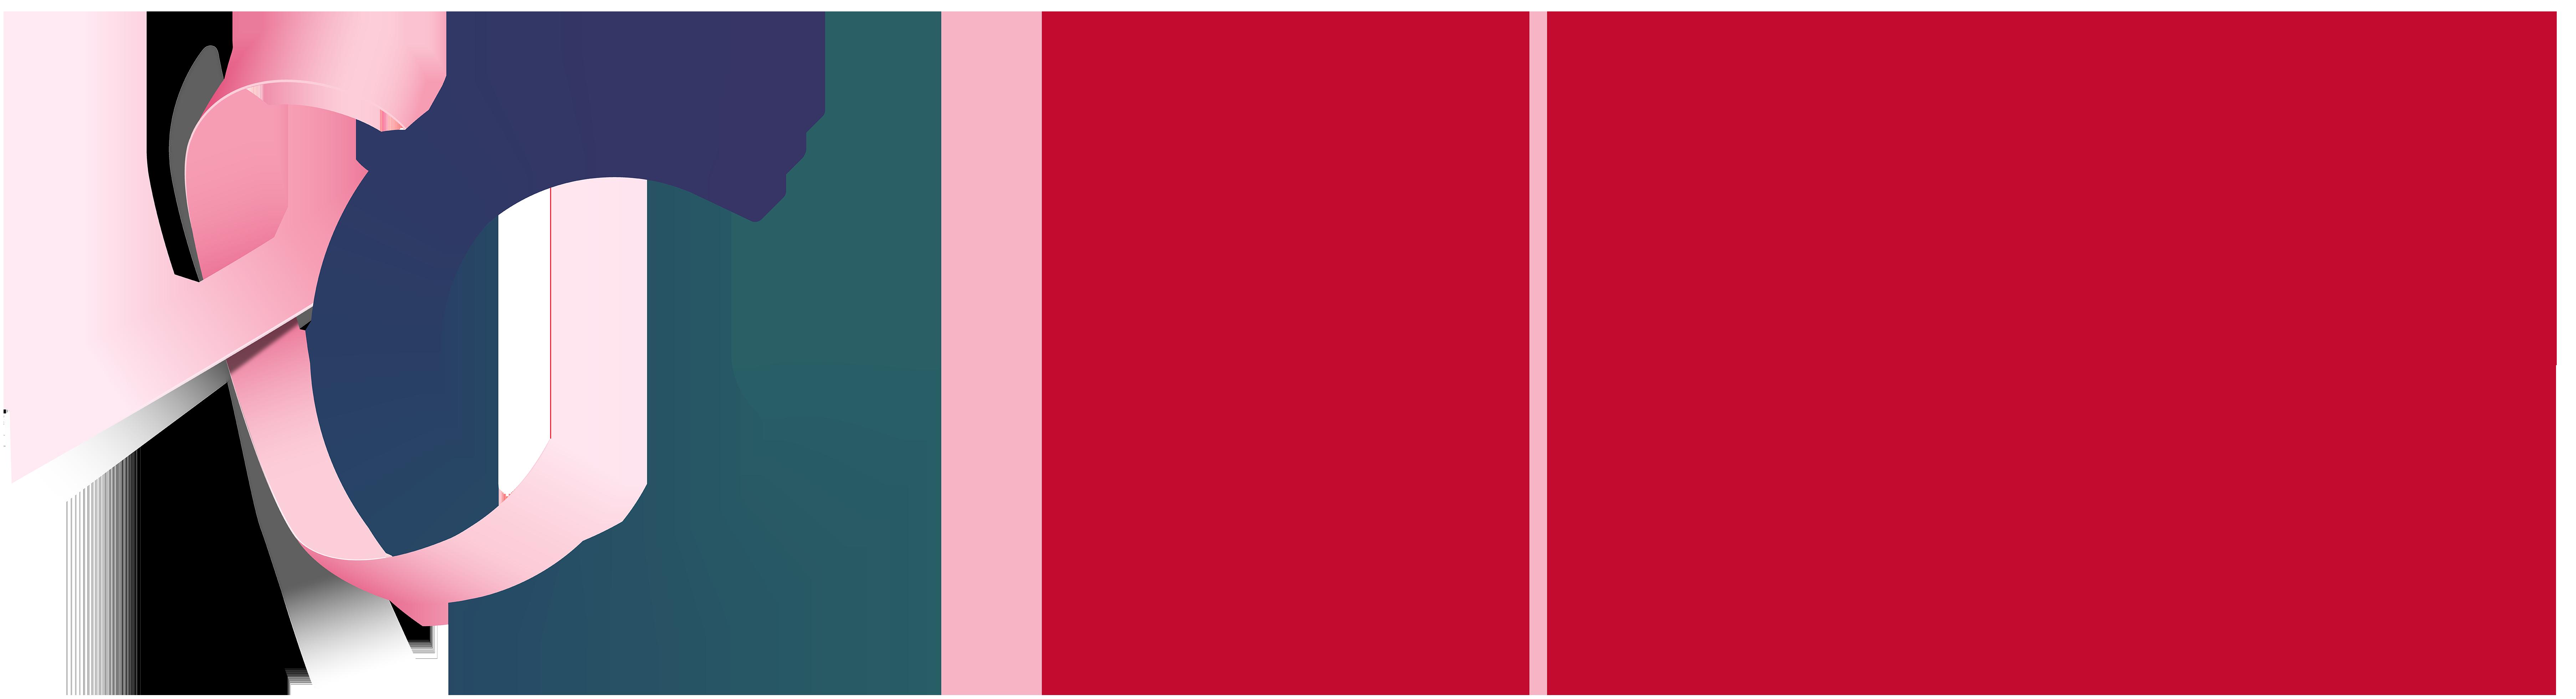 hnz-logo-outubro-rosa